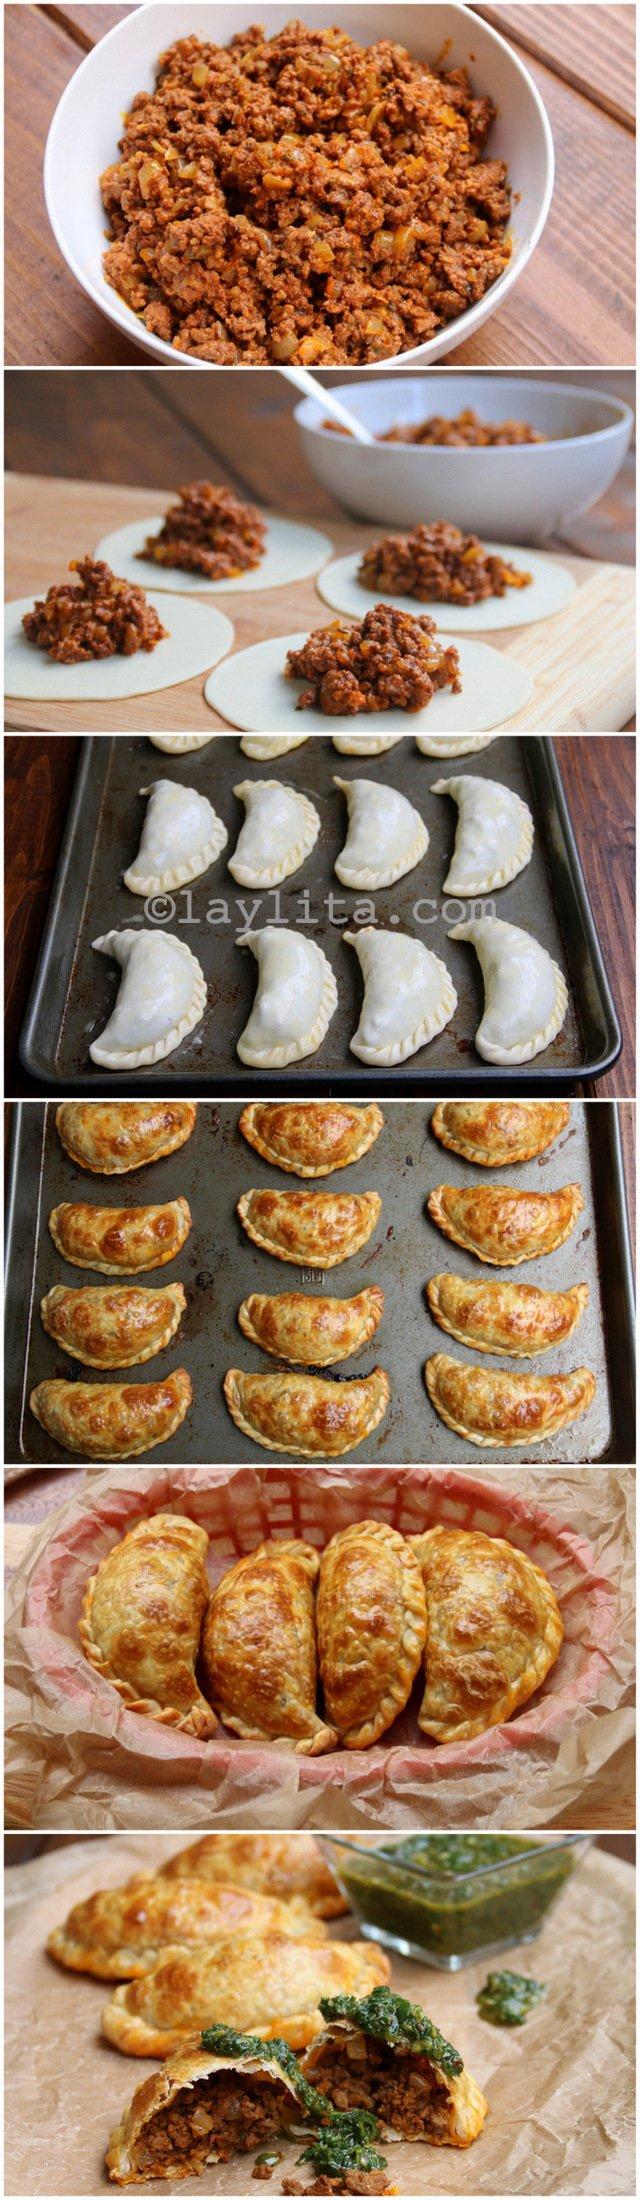 recetas para hacer empanadas de carne